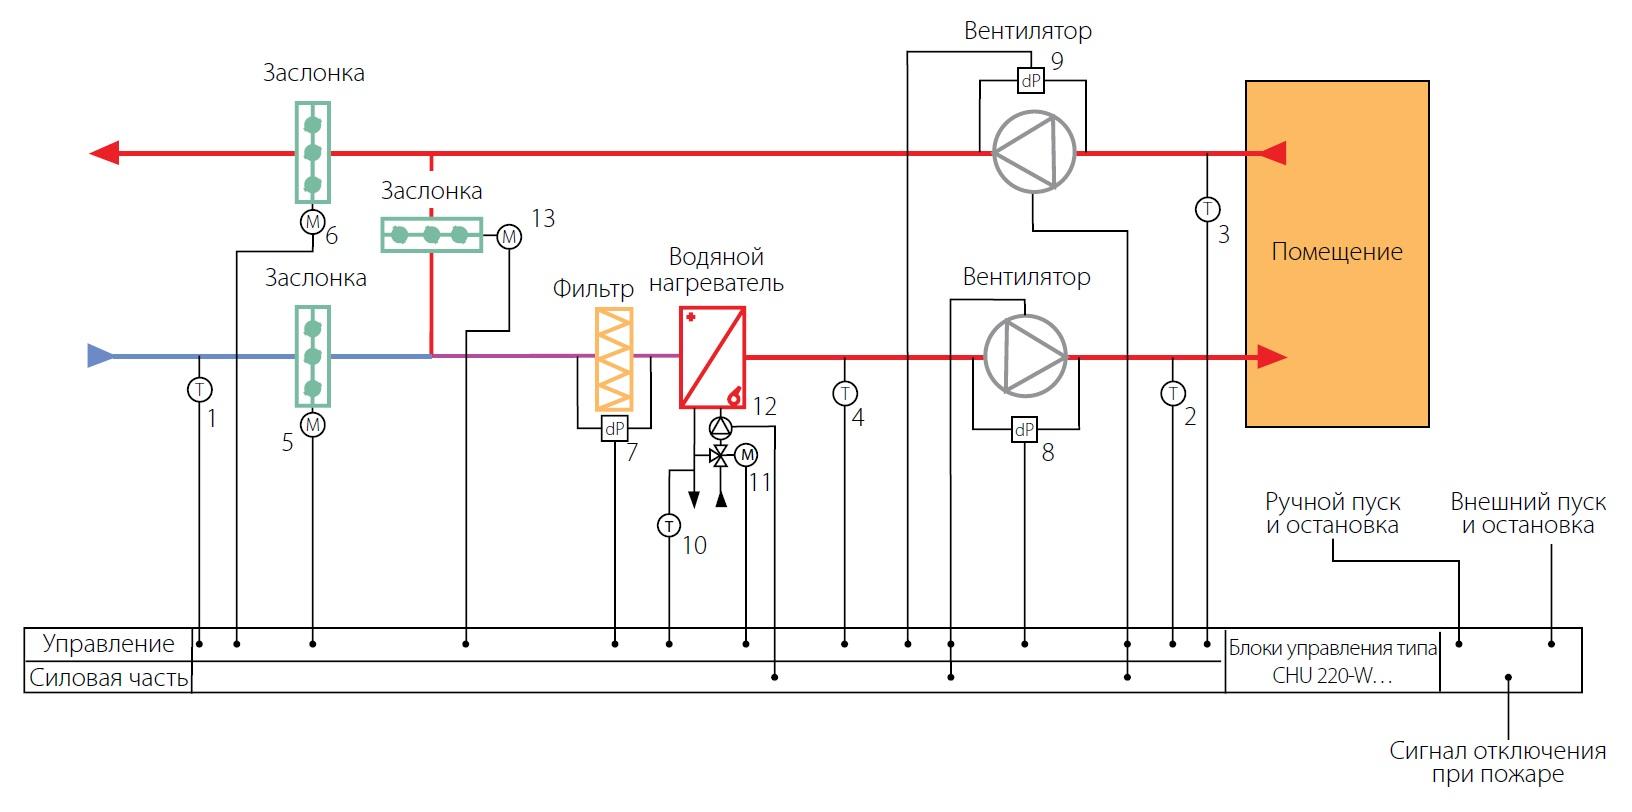 Датчик температуры наружного воздуха схема